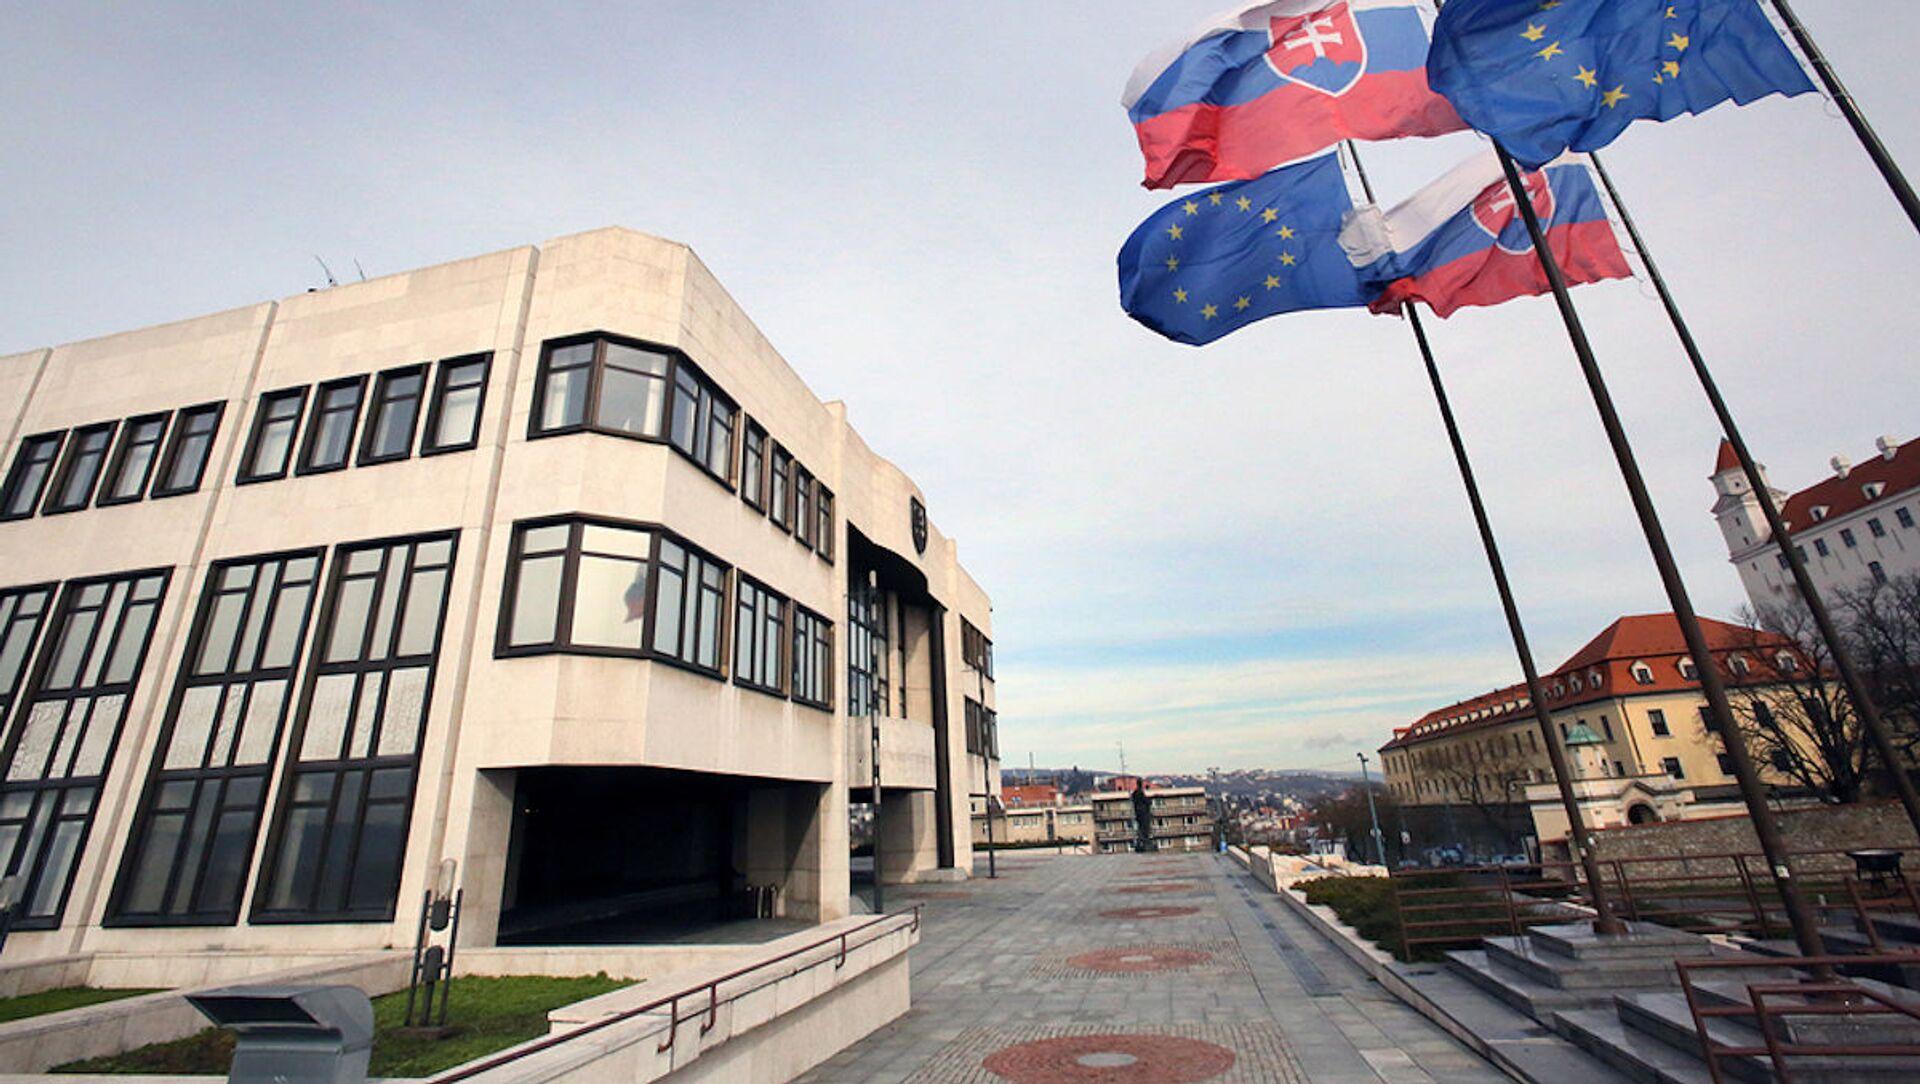 Budova Národní rady Slovenské republiky. Ilustrační foto - Sputnik Česká republika, 1920, 23.02.2021